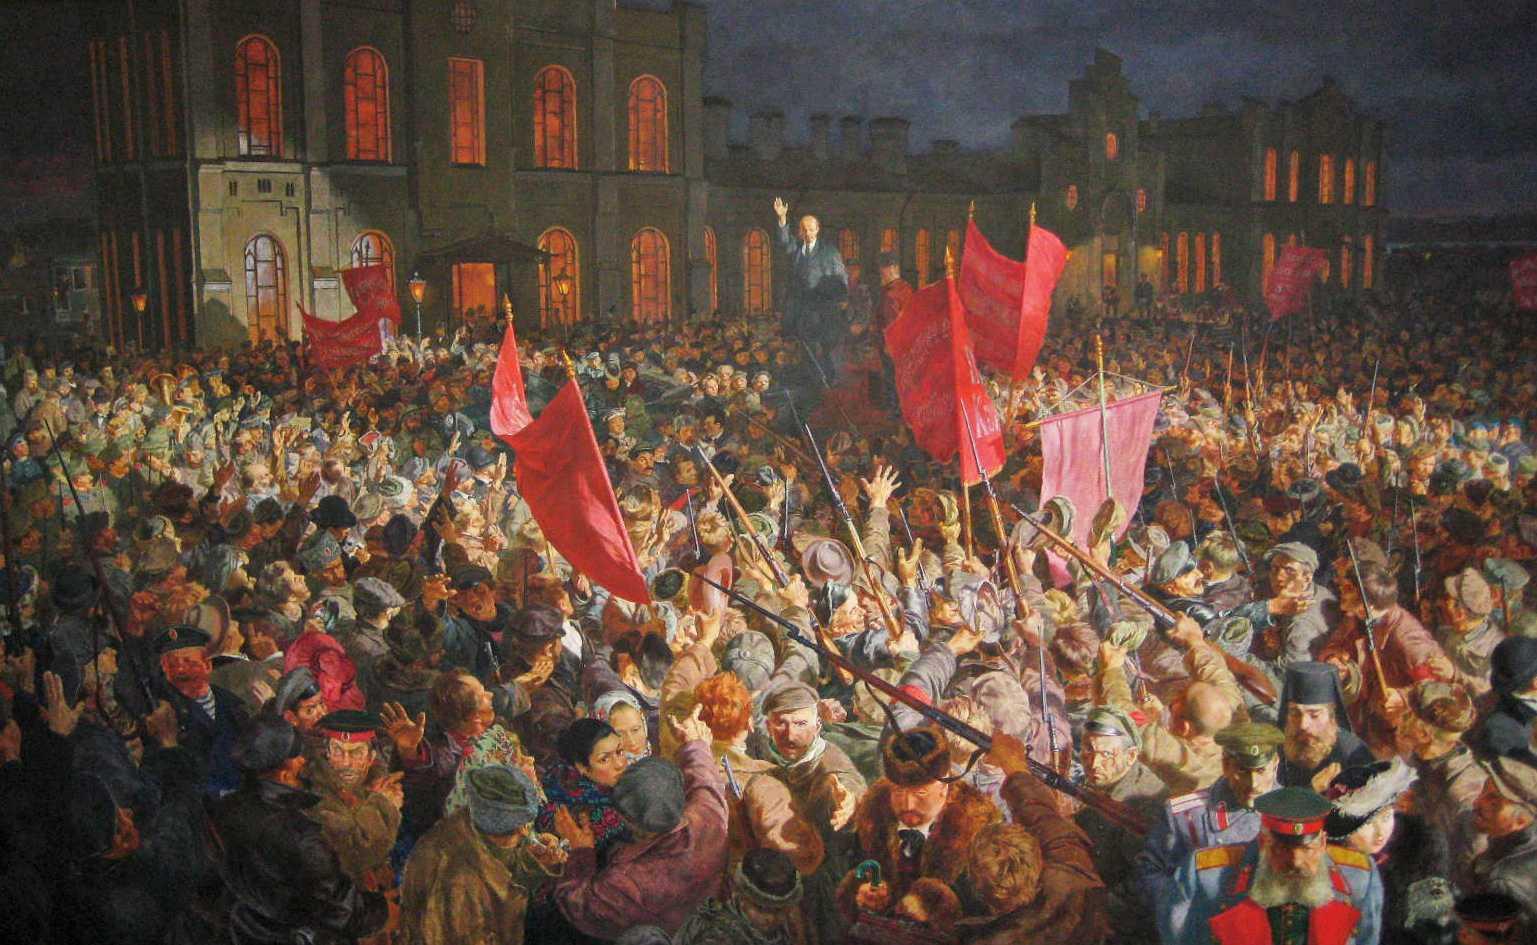 """100 DE ANI DE COMUNISM. Si inca numaram… REVOLUTIA BOLSEVICA DIN 7 NOIEMBRIE 1917 – REZULTATUL UNUI PLAN OCULT OCCIDENTAL/ <i>""""Lenin e mort, dar leninismul traiește""""</i>. IDEOLOGIA TERORII REVOLUTIONARE, A LUPTEI DE CLASA """"PROGRESISTE"""" SI A URII FATA DE BISERICA REVINE IN FORTA: <i>""""Prin faptele petrecute în timpul prigoanei comuniste se prevestește o viitoare prigoană""""</i>"""